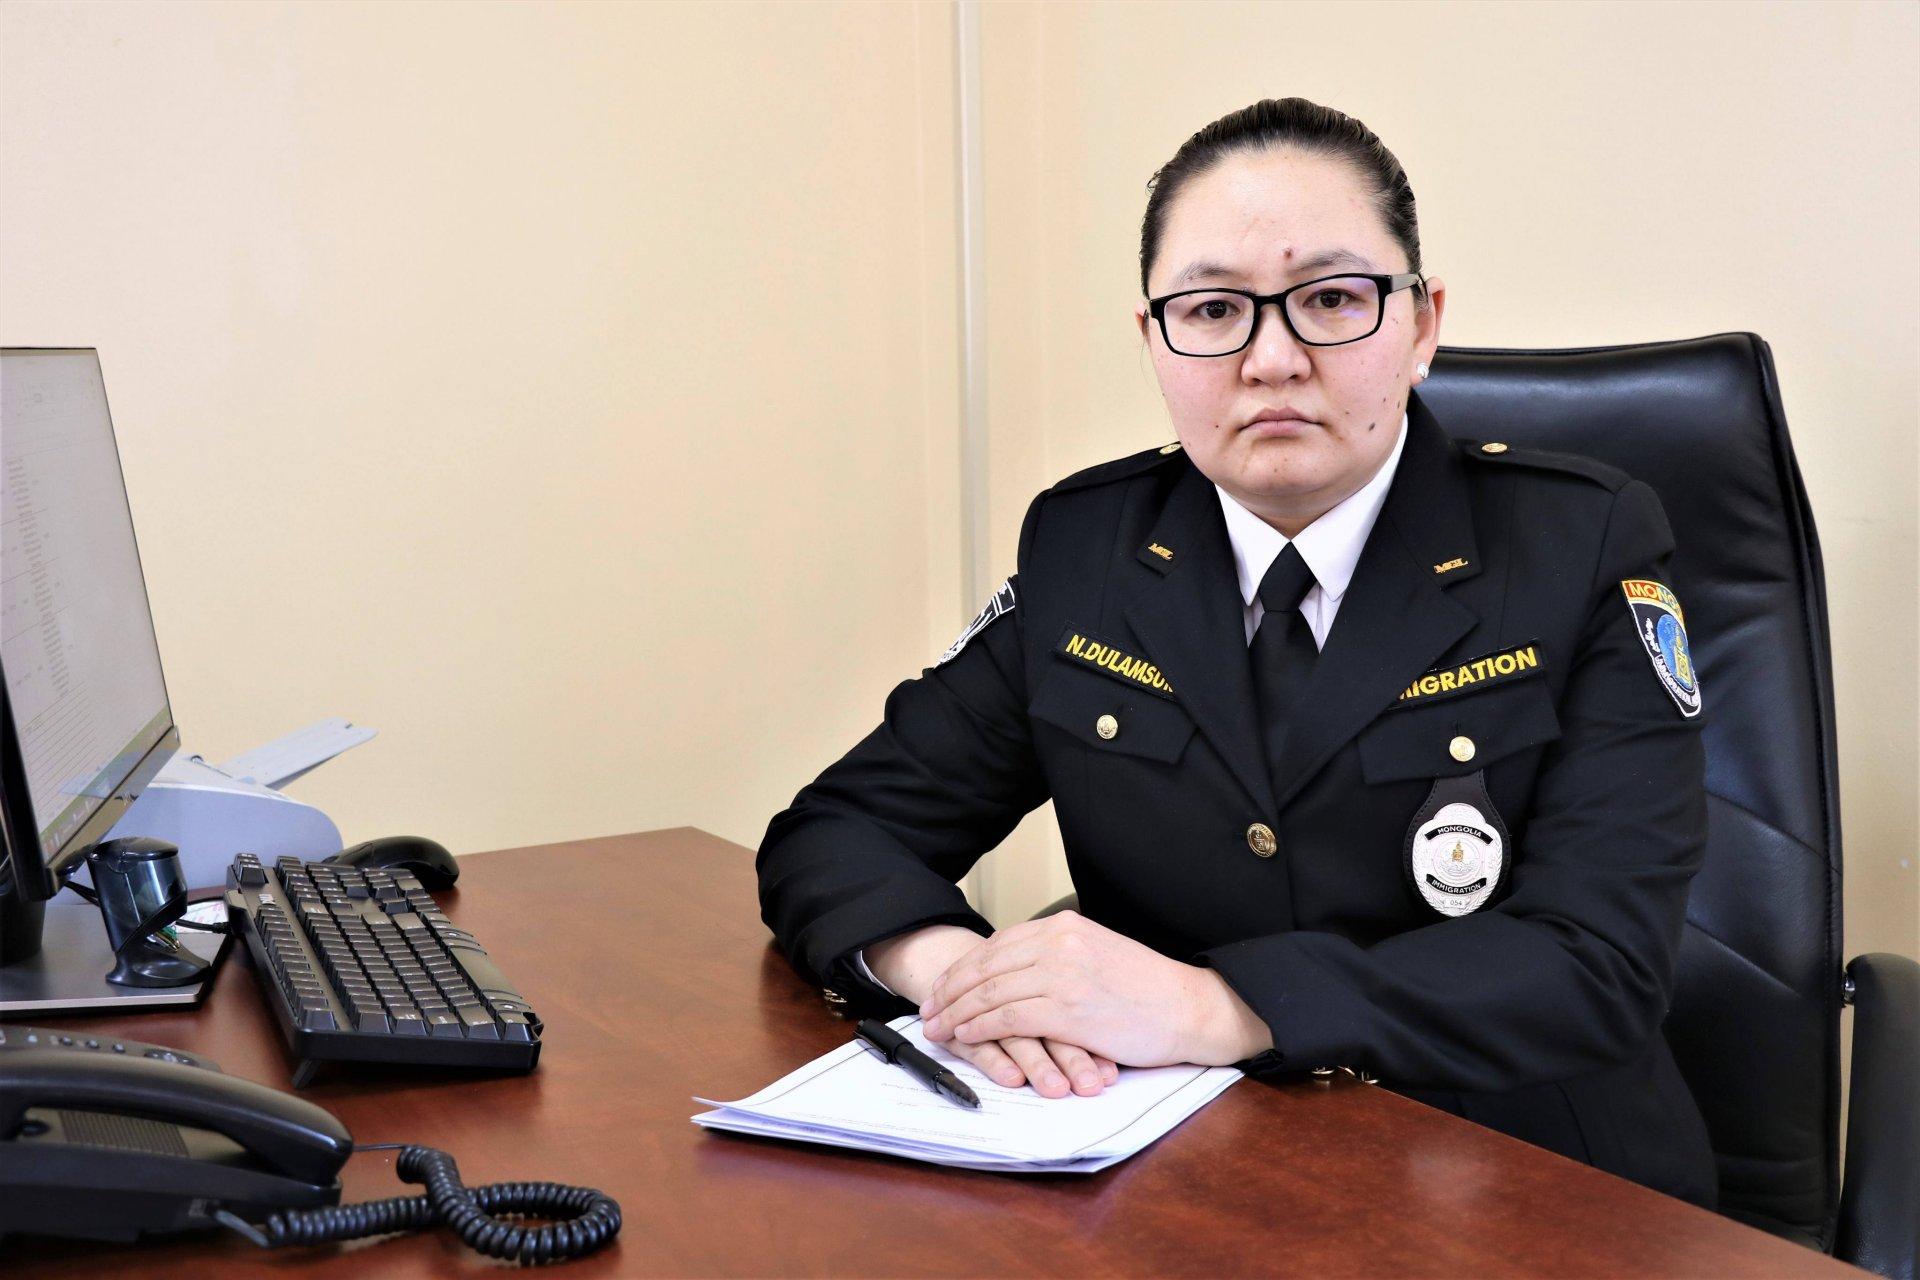 Н. Дуламсүрэн: Монгол Улсад 30 хоногоос дээш хугацаагаар ирсэн гадаадын иргэн орж ирсэн өдрөөс хойш ажлын 7 өдрийн дотор бүртгүүлнэ